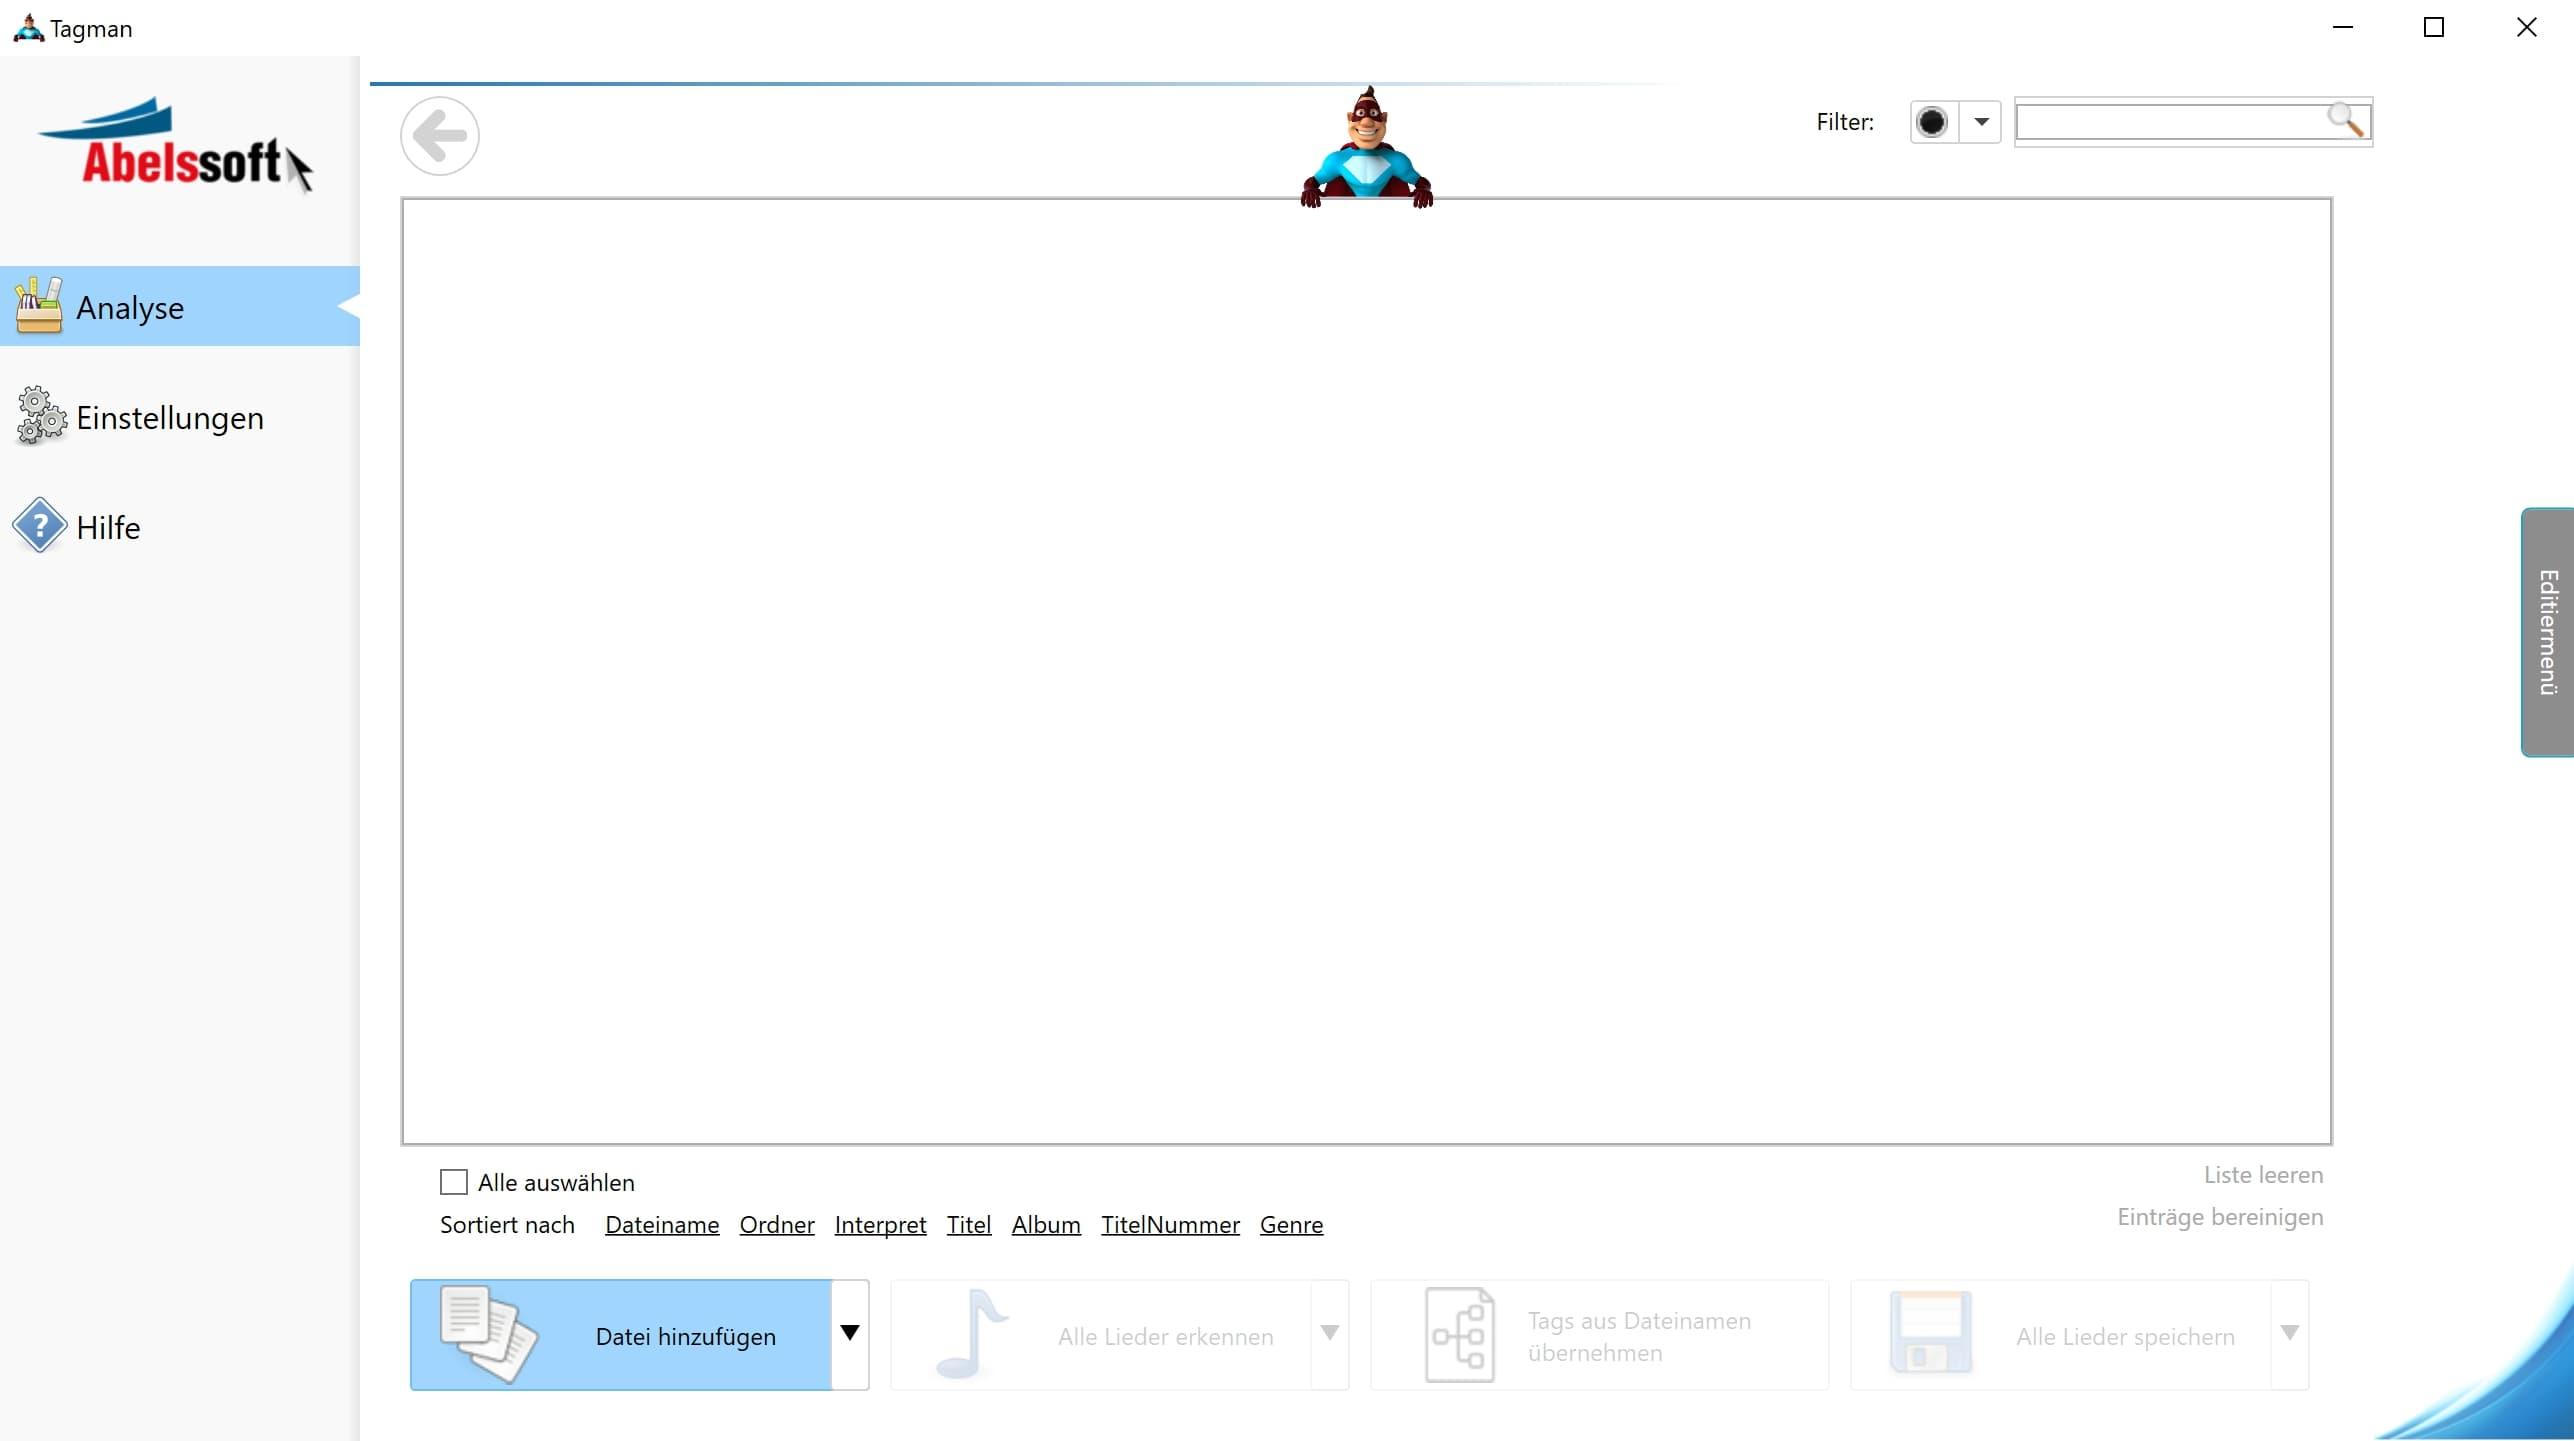 MP3 Interpret und Titel bearbeiten - Ordner wechseln